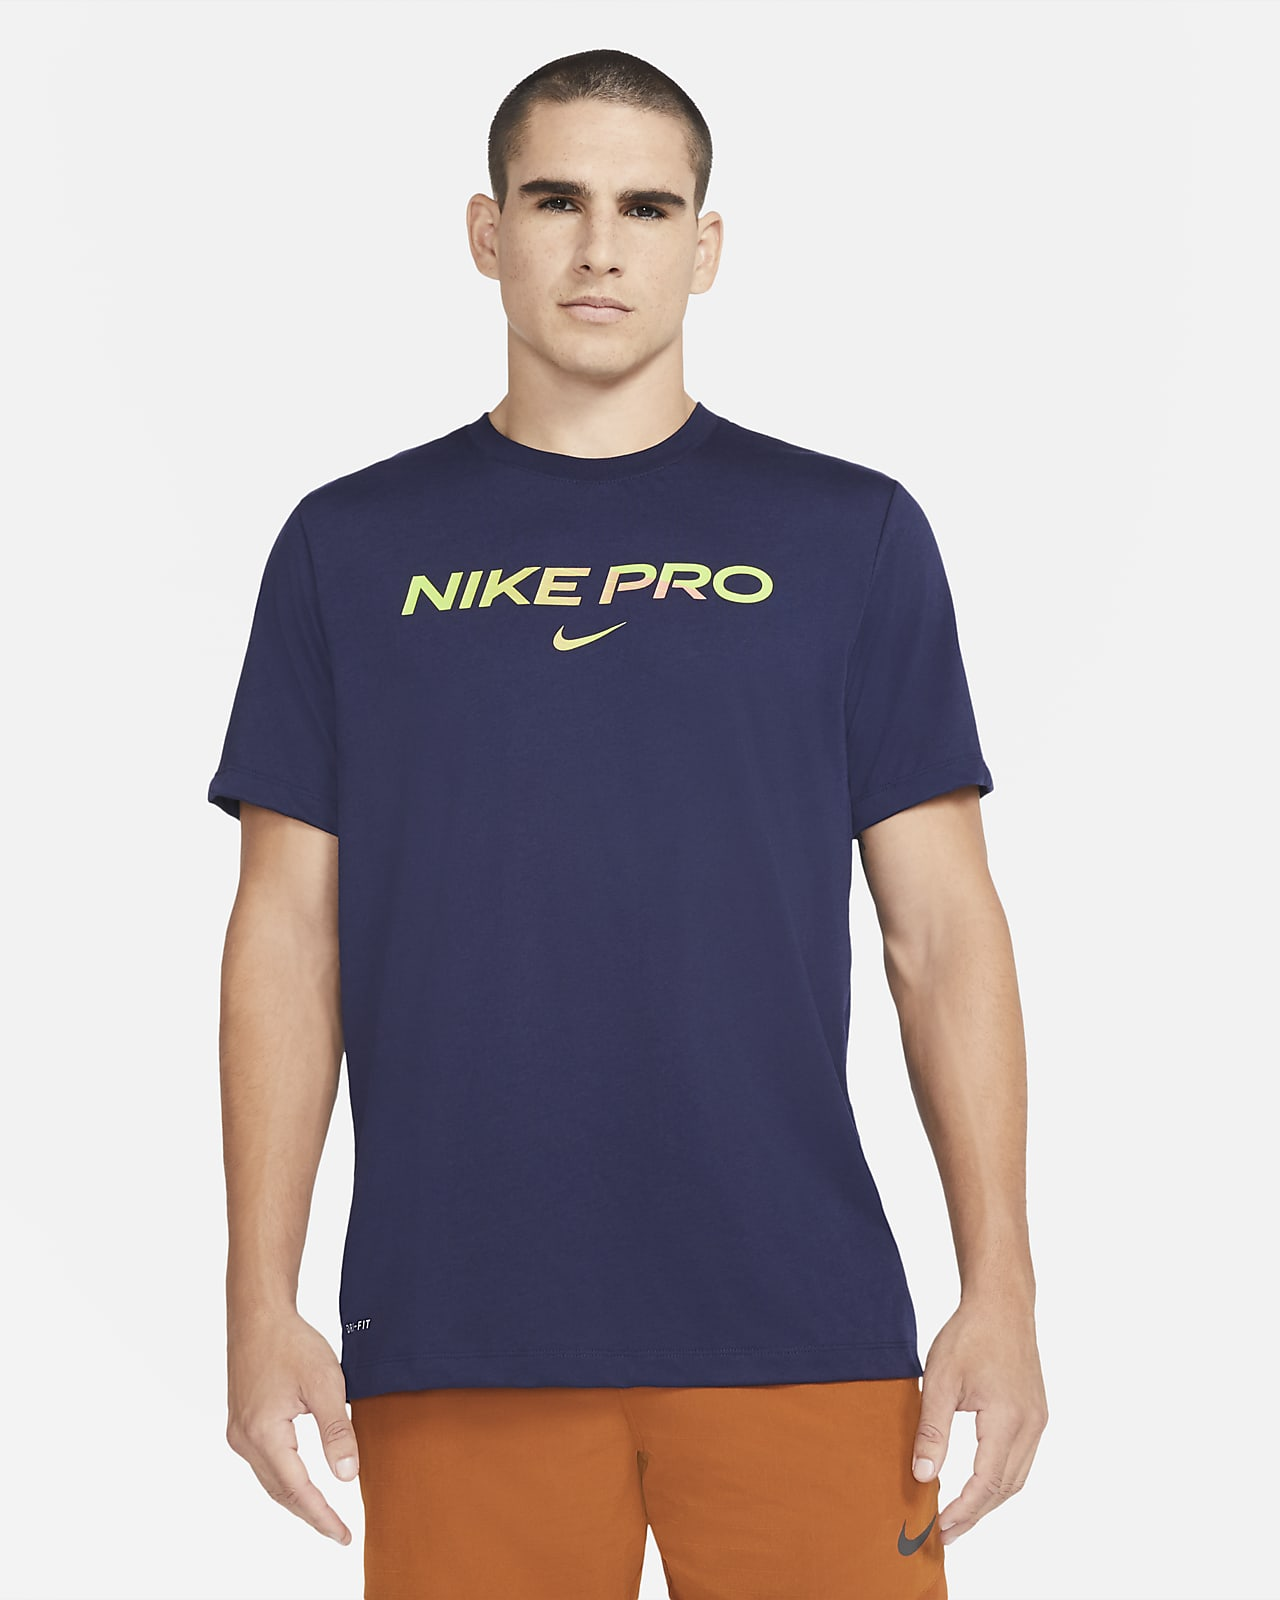 T-shirt Nike Pro för män